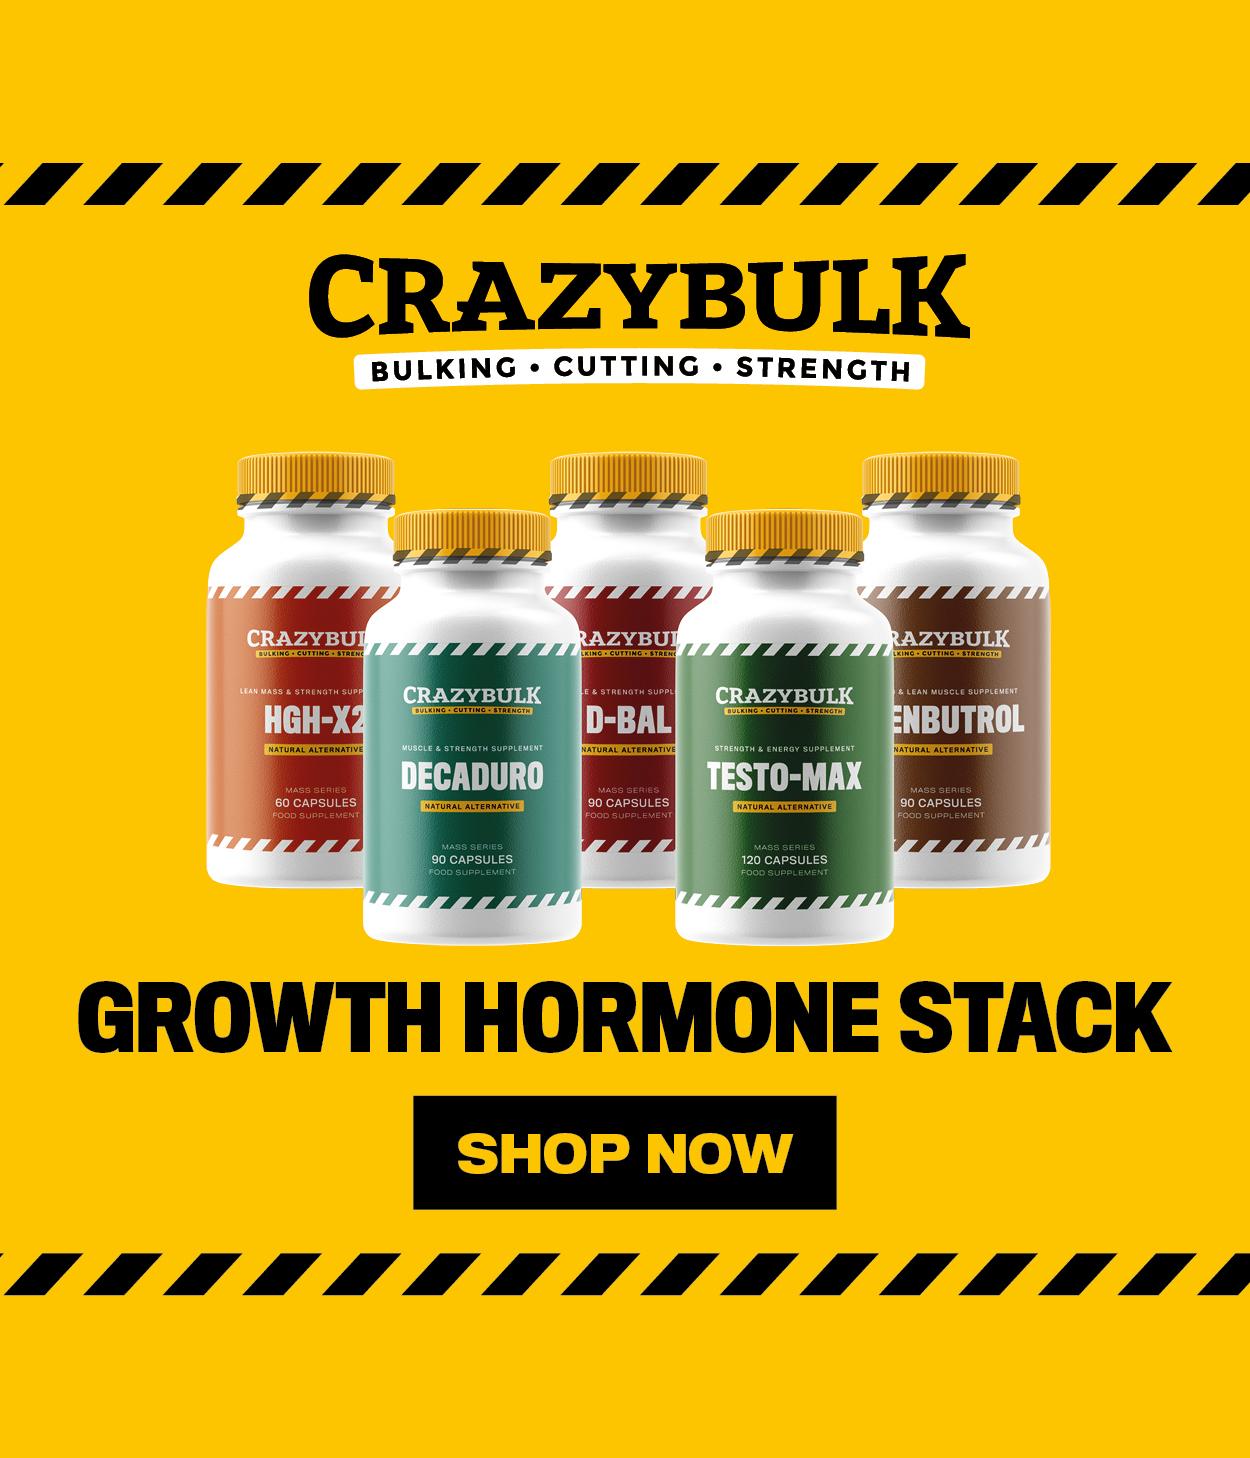 testosteron anabola stanozolol 10mg, dianabol kur wie lange – profil –  intymag forum  intymag